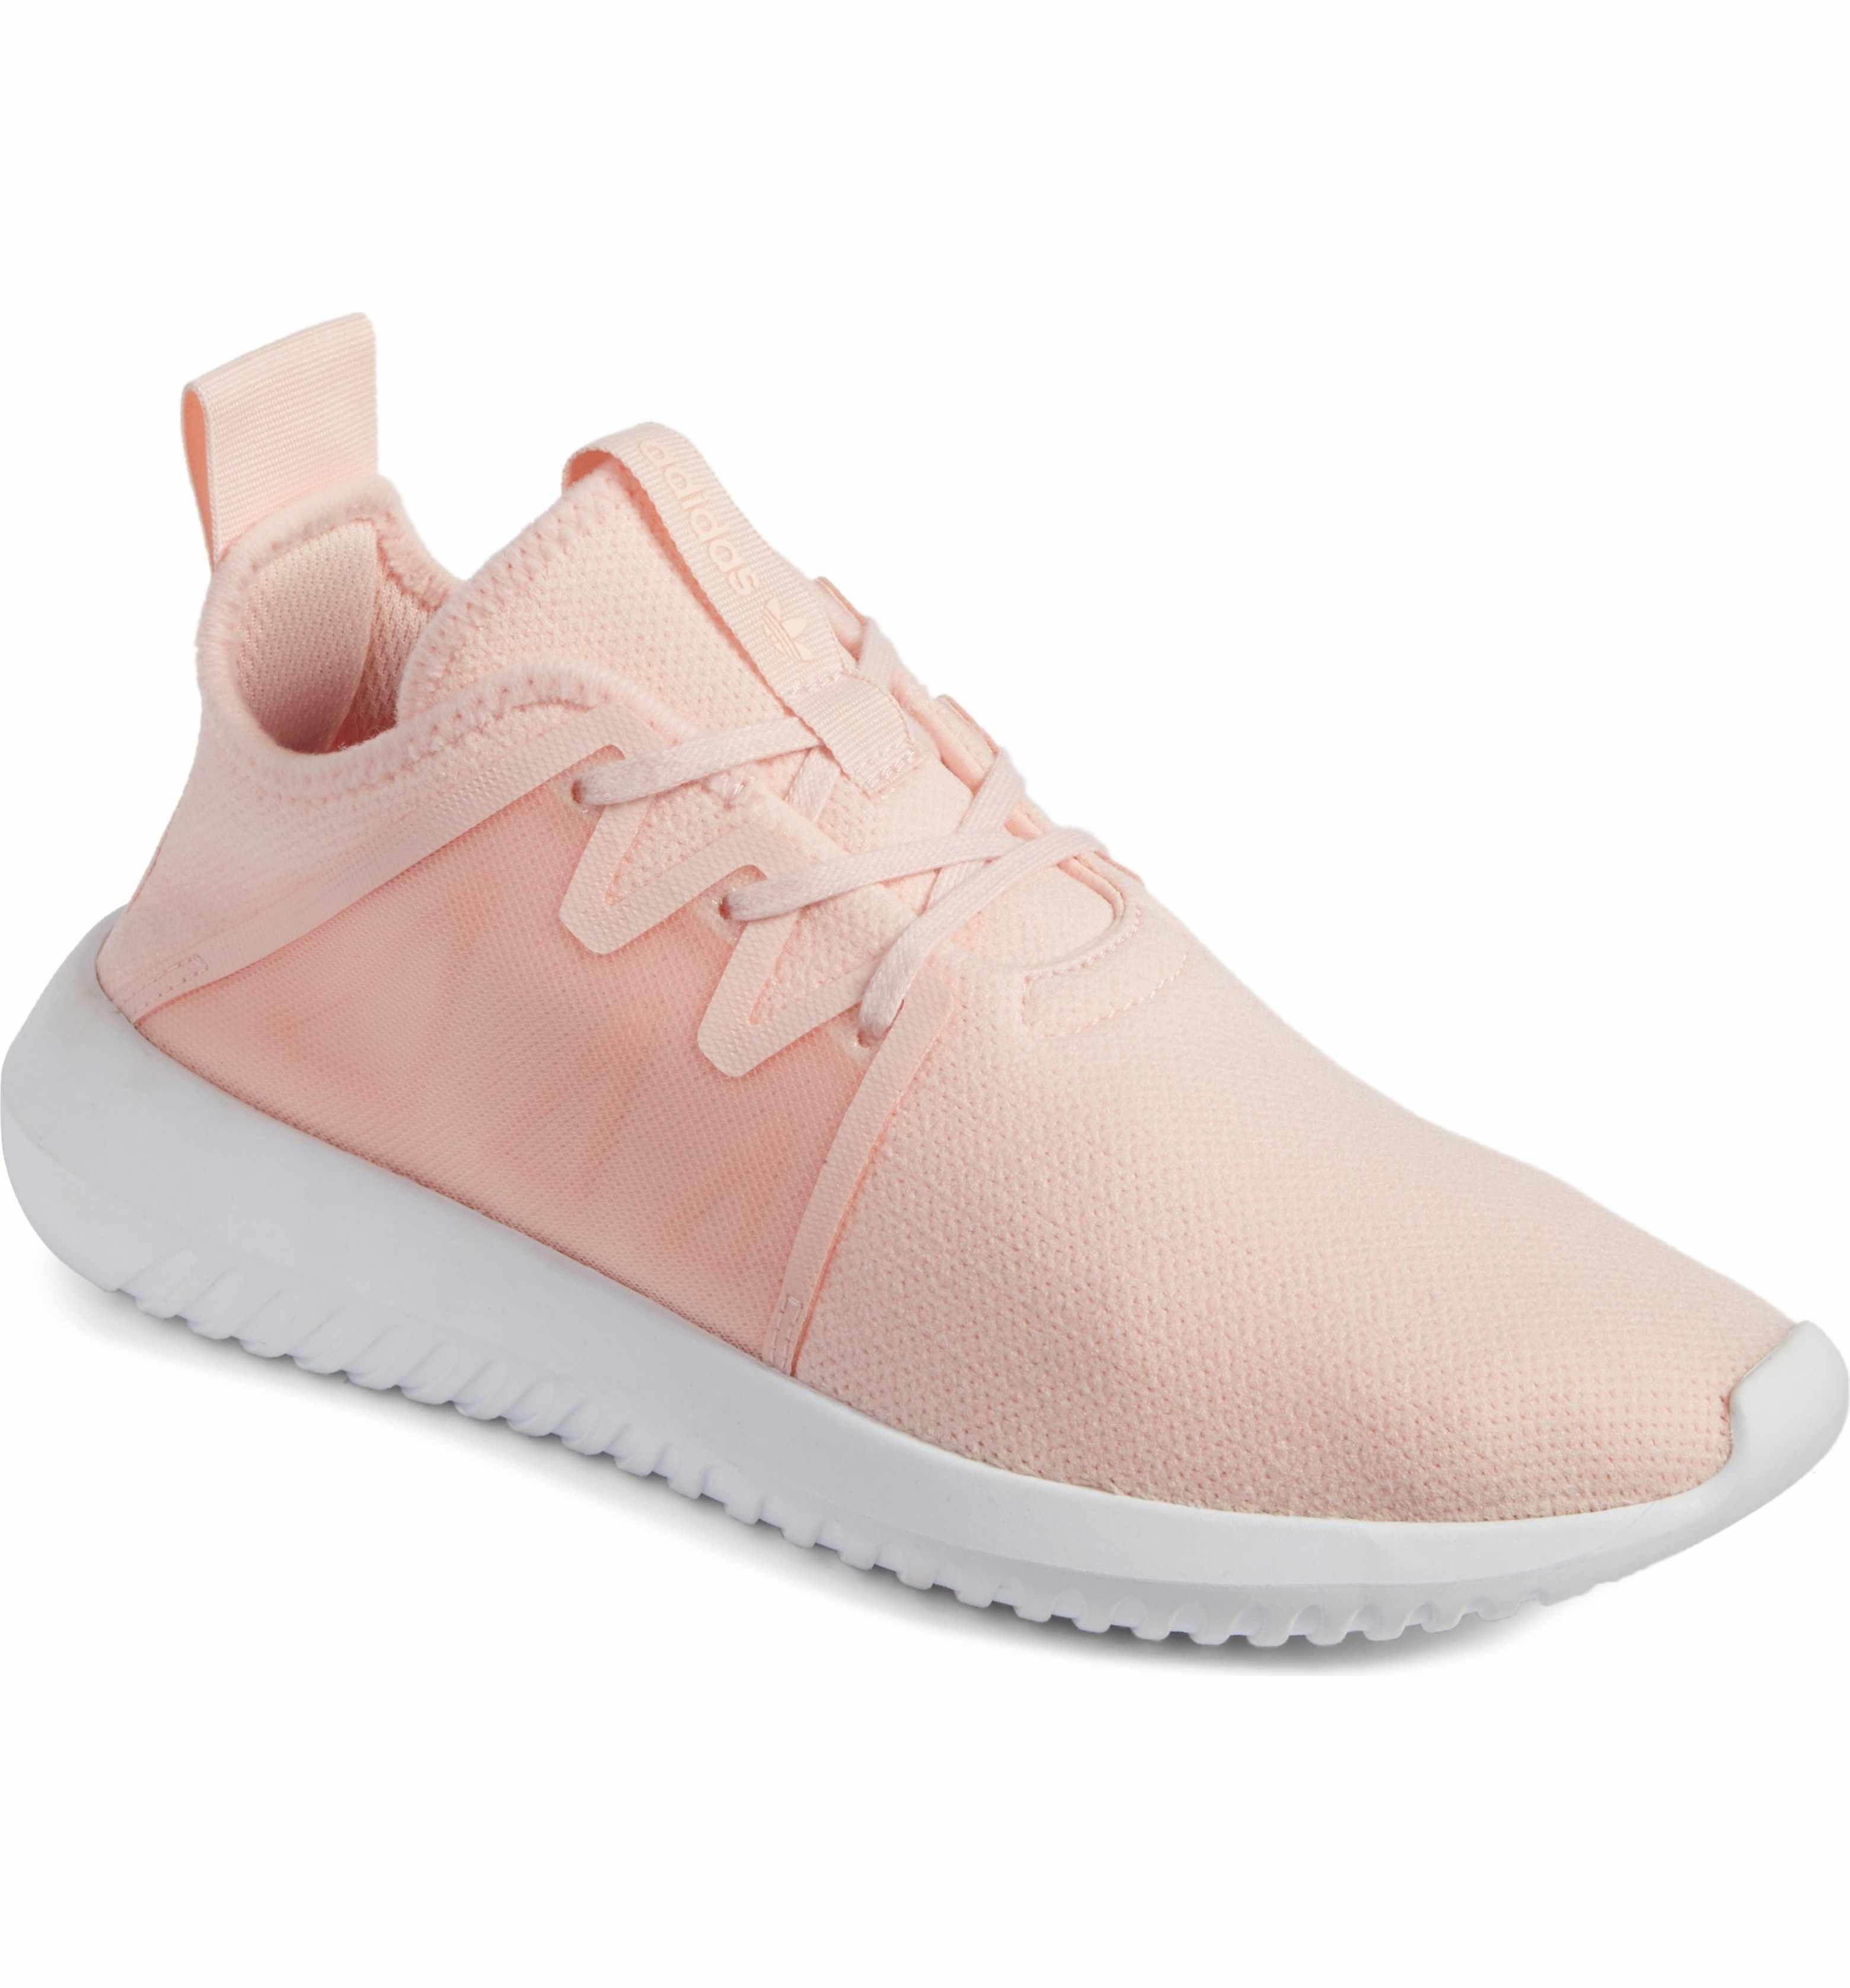 adidas Tubular Viral 2 Sneaker (Women